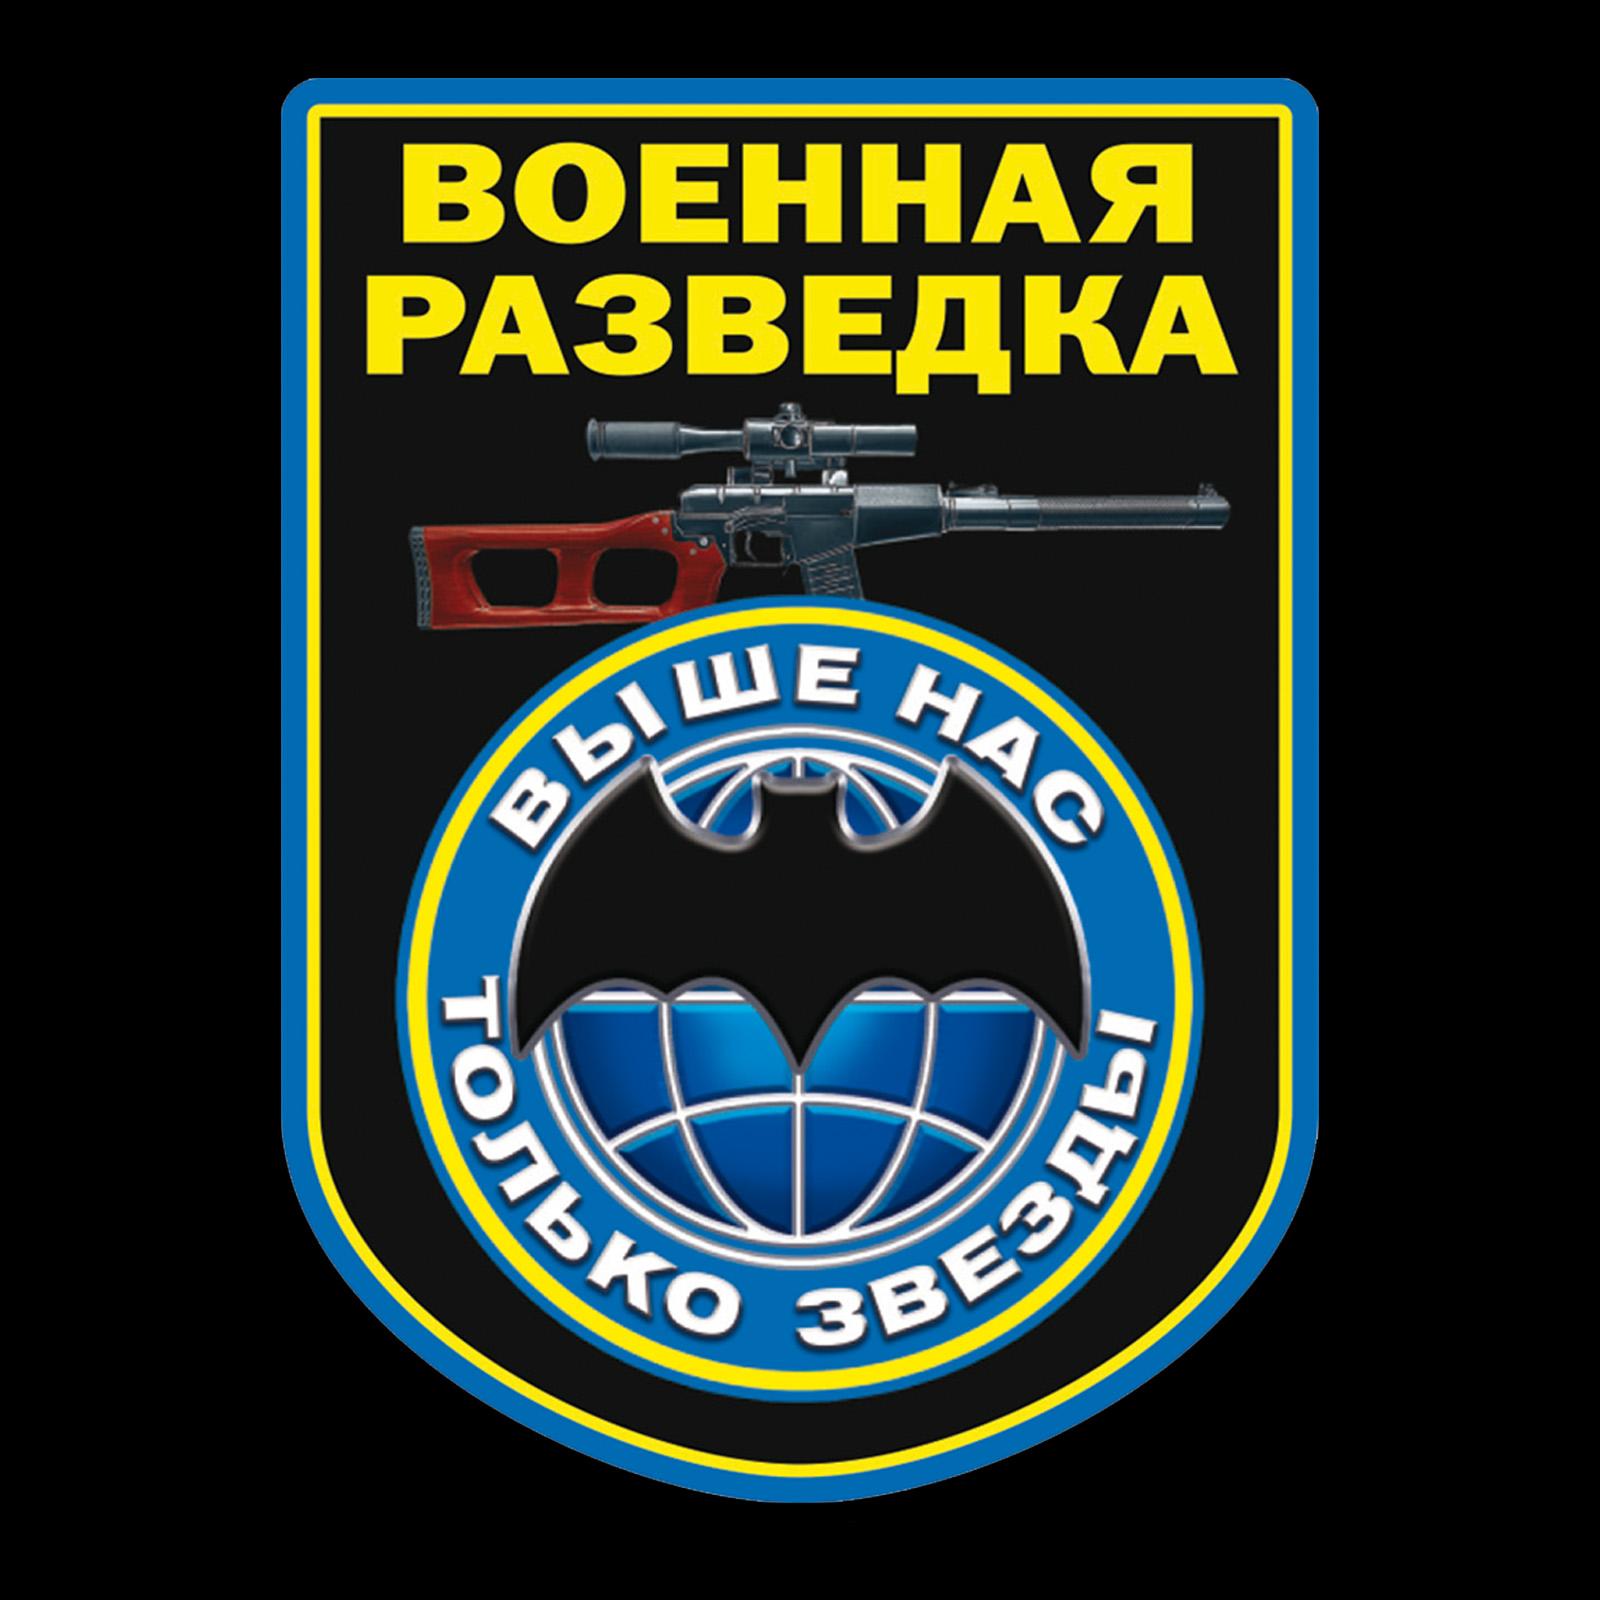 Чёрная футболка военной разведки с девизом